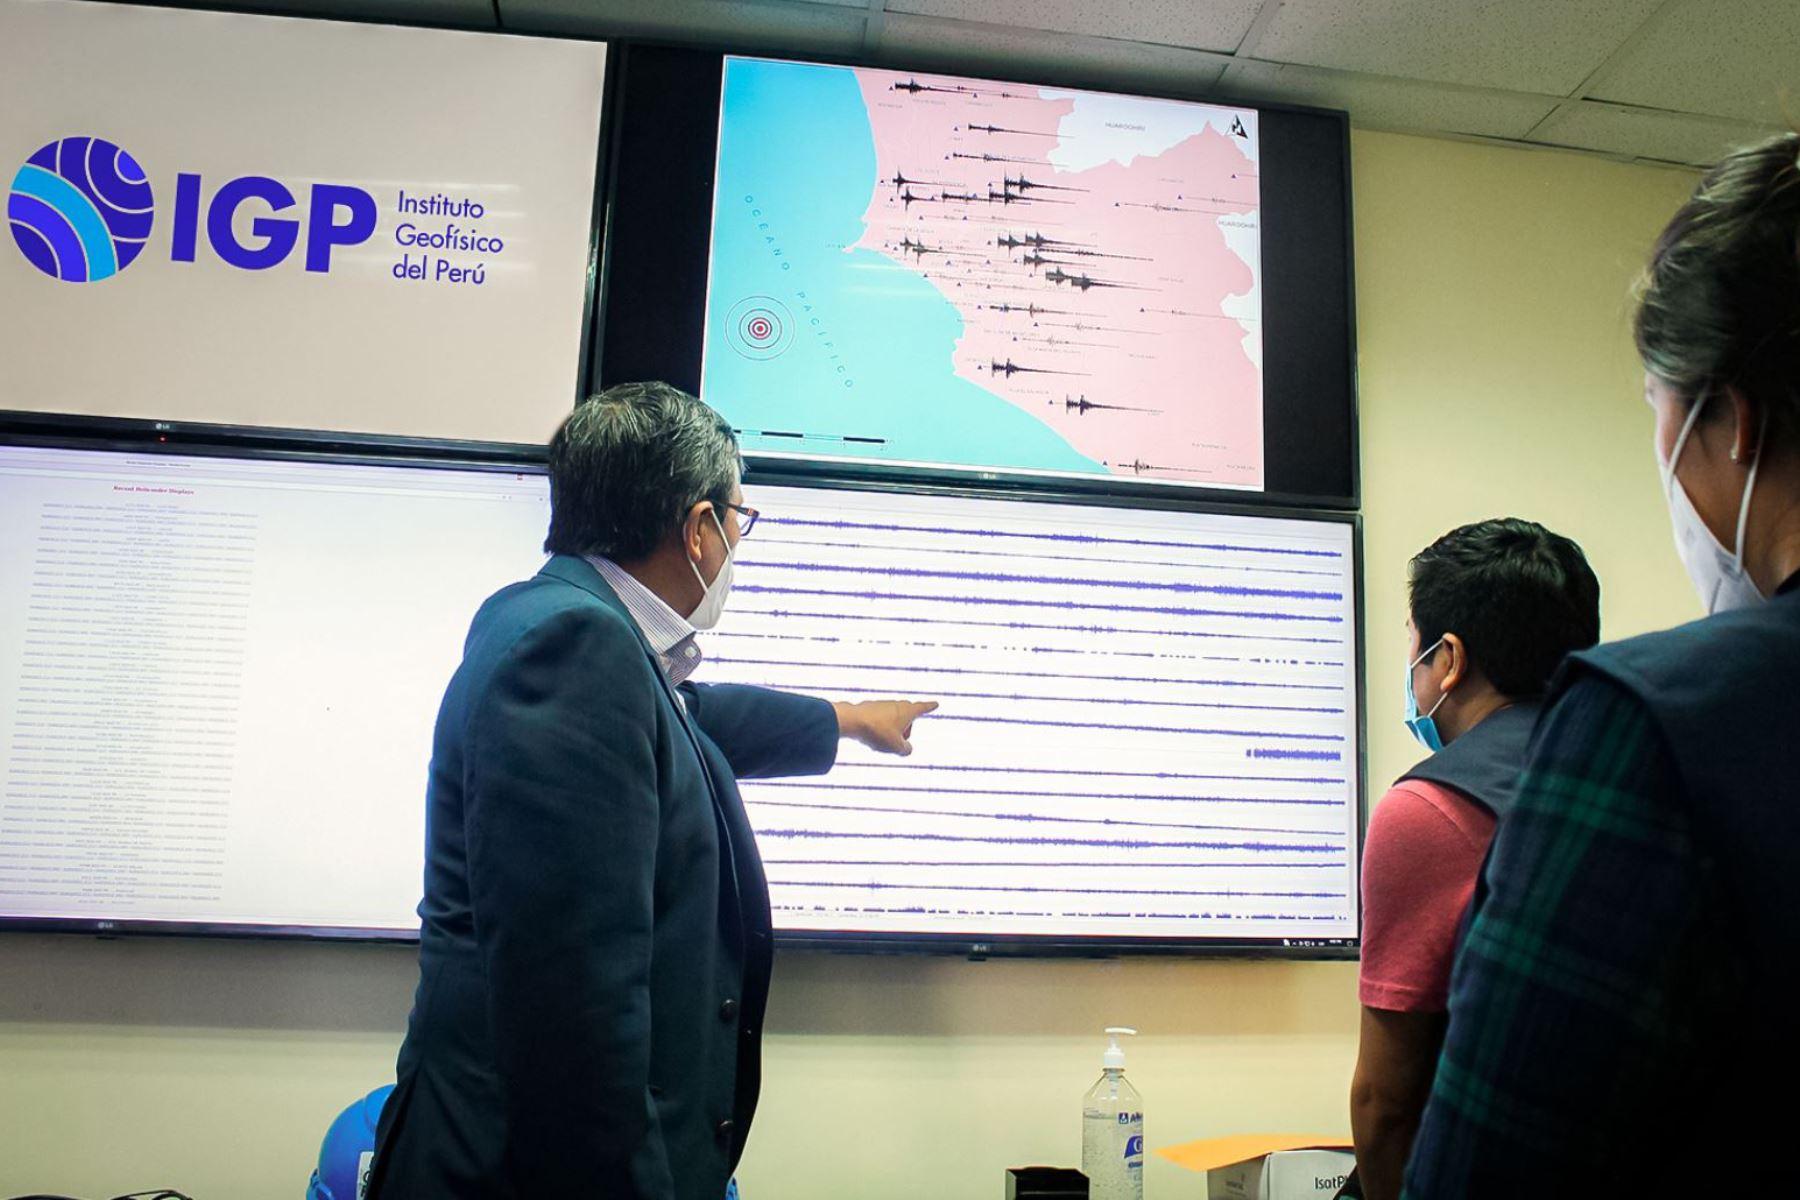 Las investigaciones científicas del IGP son de alto nivel en el campo de la geofísica y el geoespacio. Foto: IGP